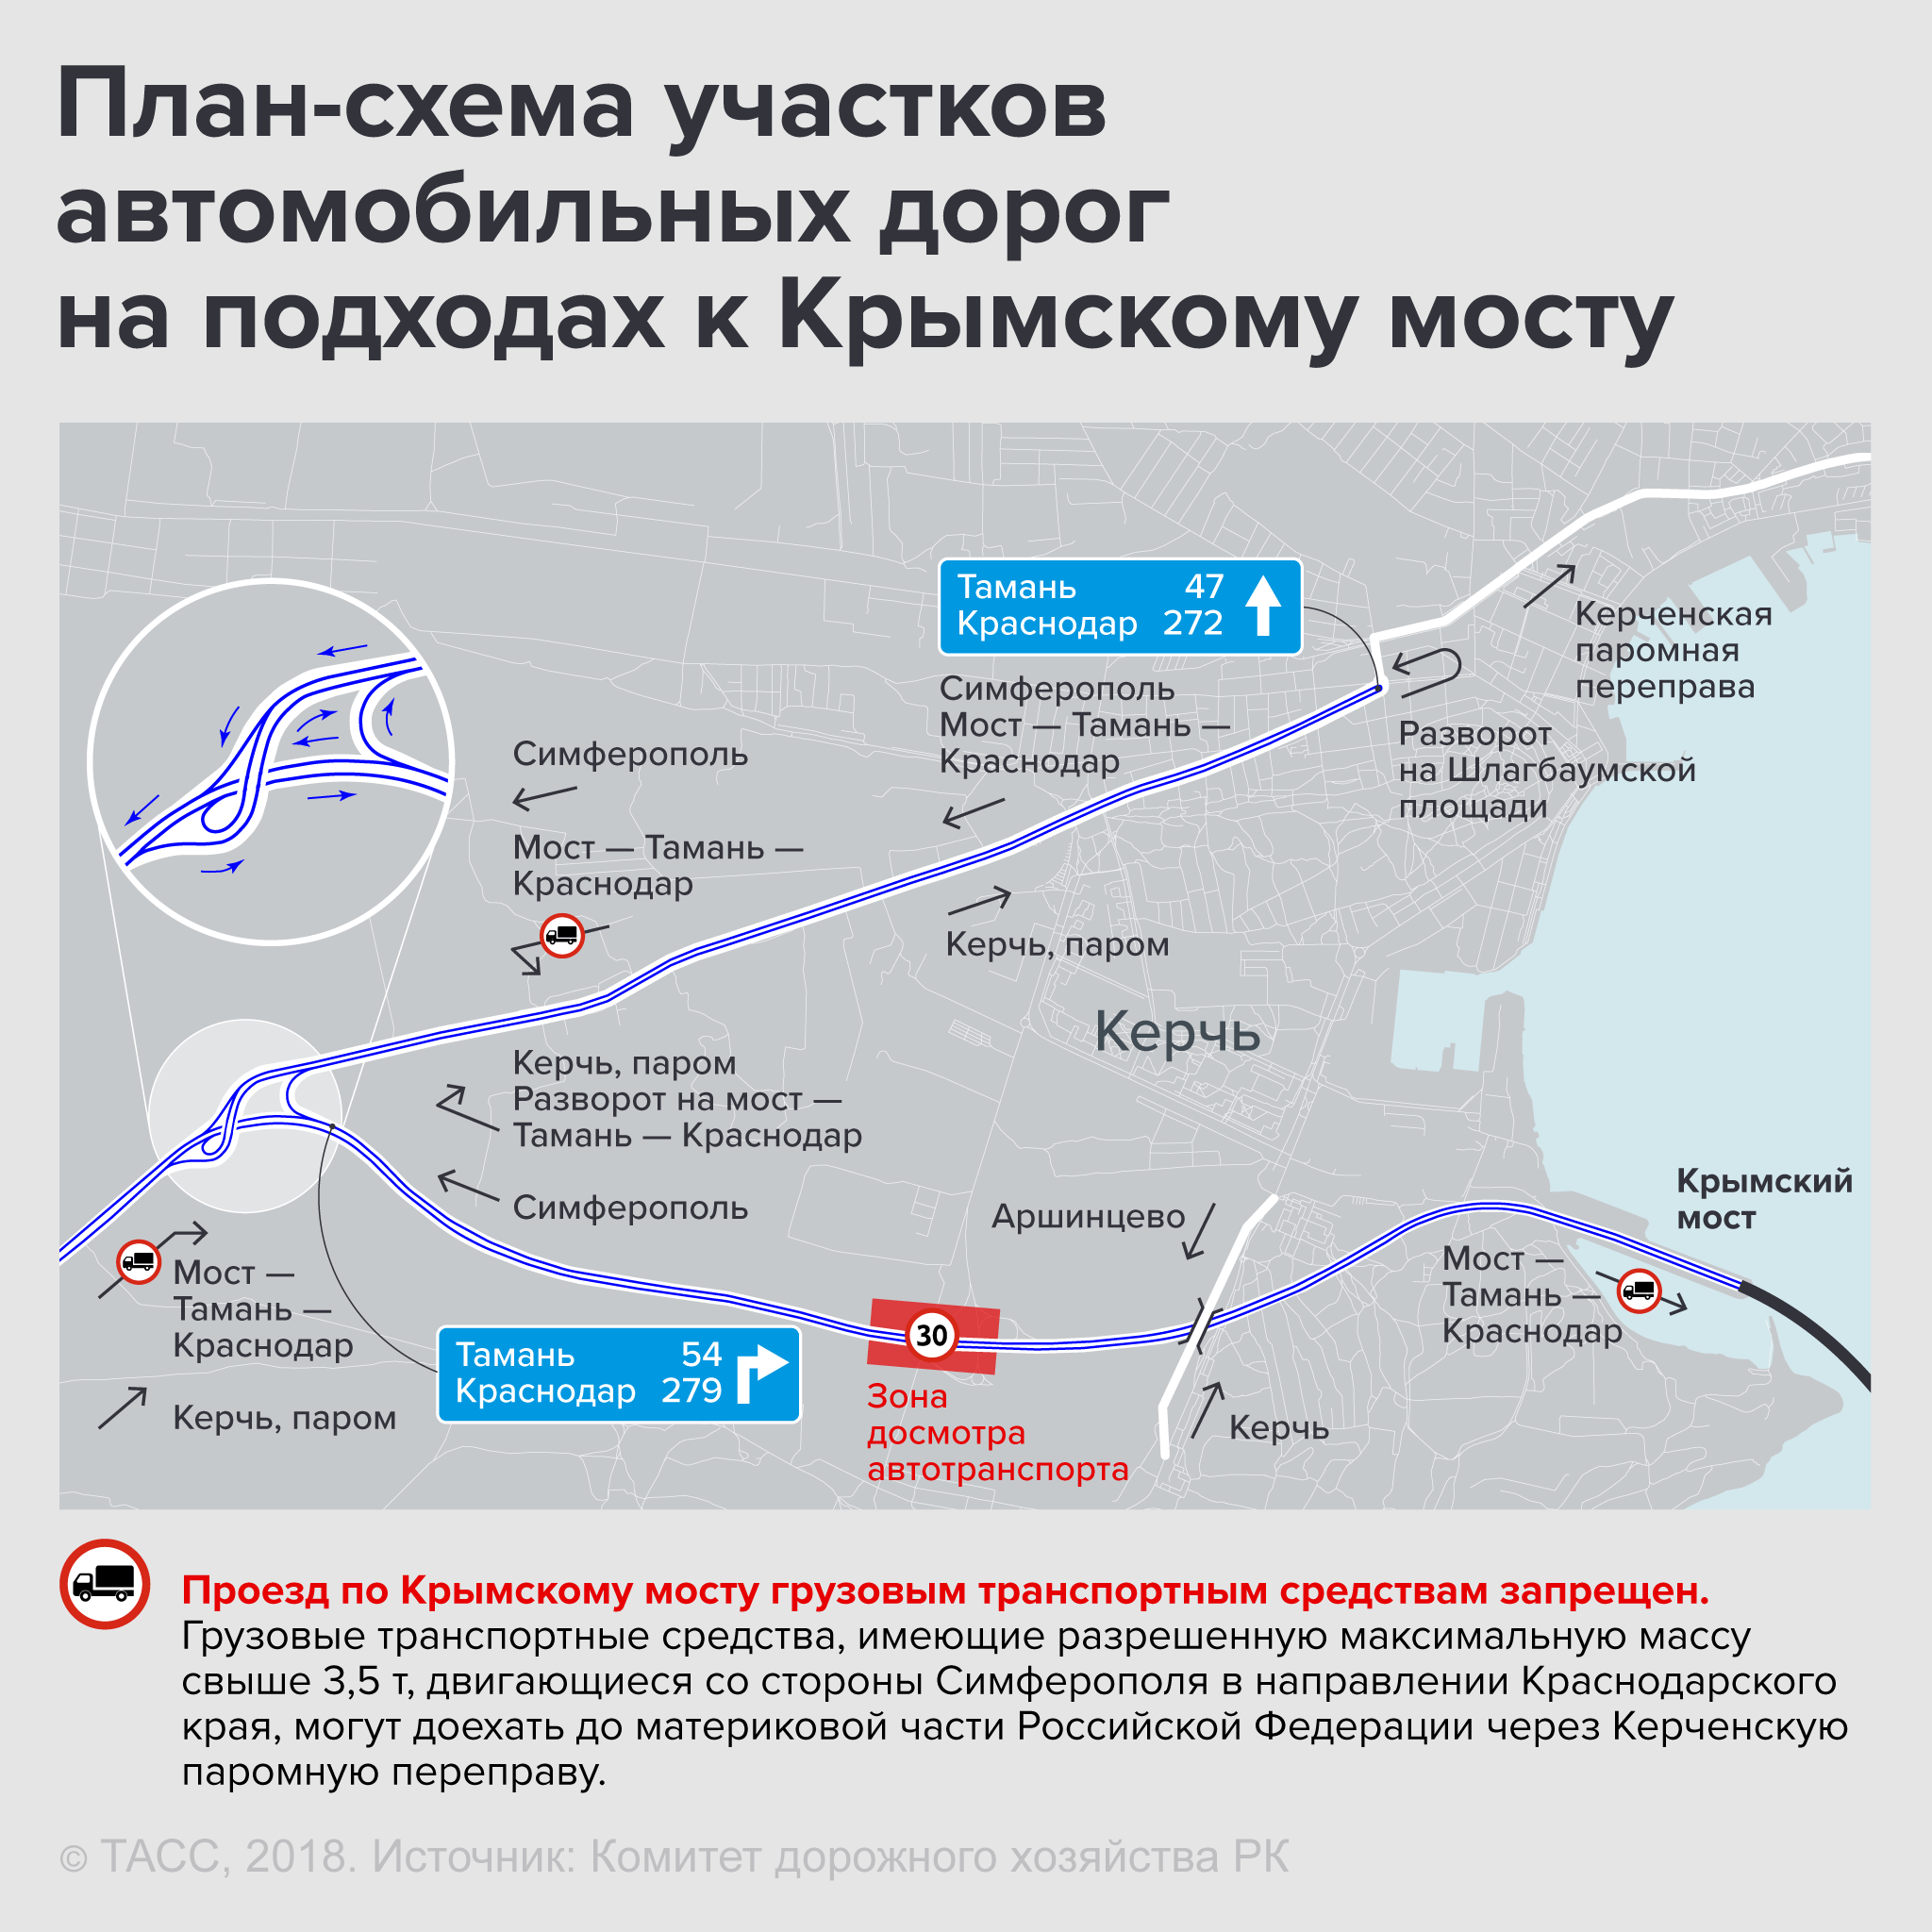 Схема движения автомобилей на подъезде к Крымскому мосту